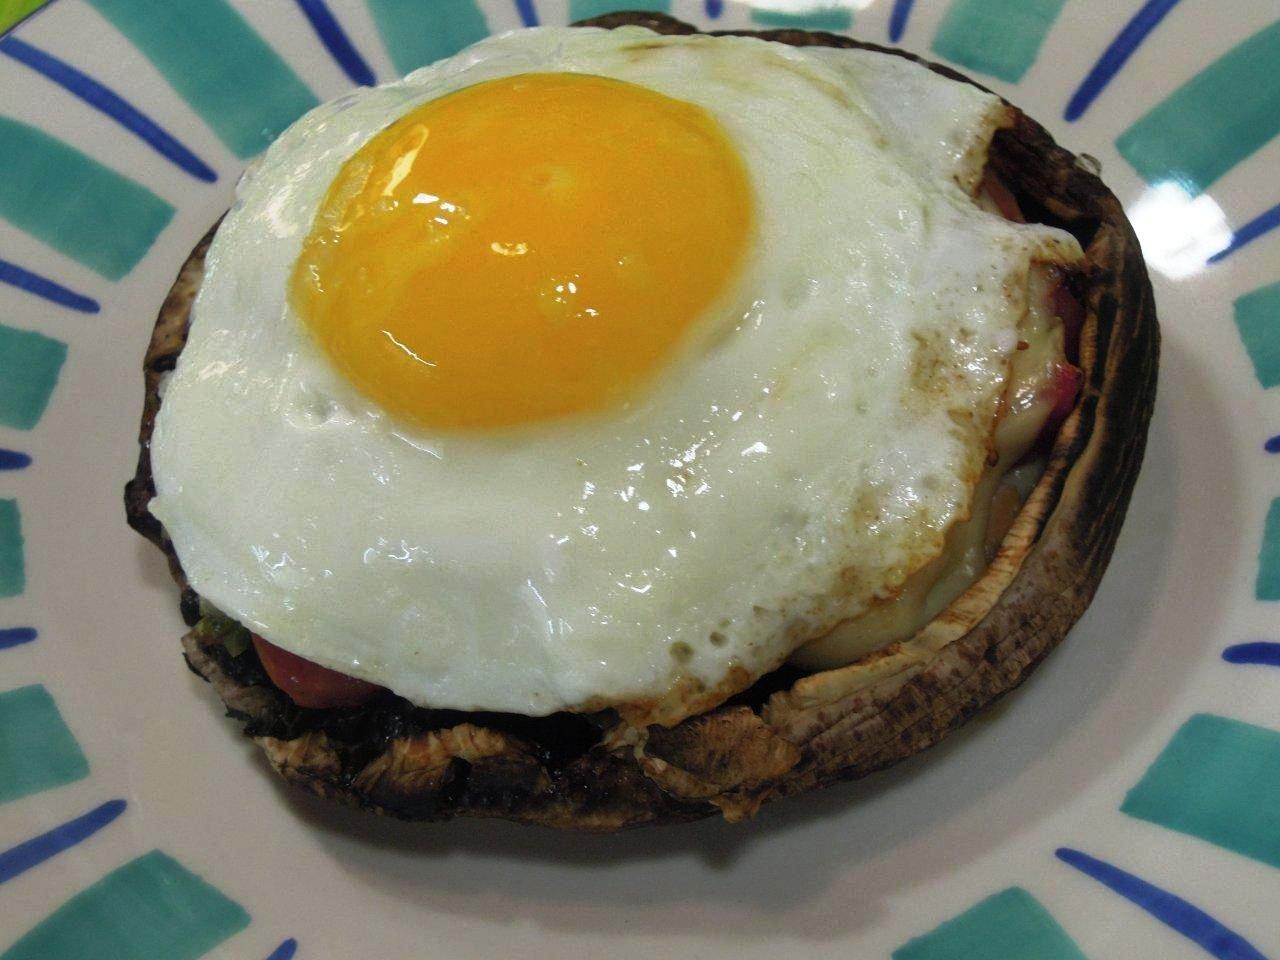 Cogumelos com ovo a cavalo http://grafe-e-faca.com/pt/receitas/entradas-petiscos/petiscos-receitas/cogumelos-com-ovo-a-cavalo/